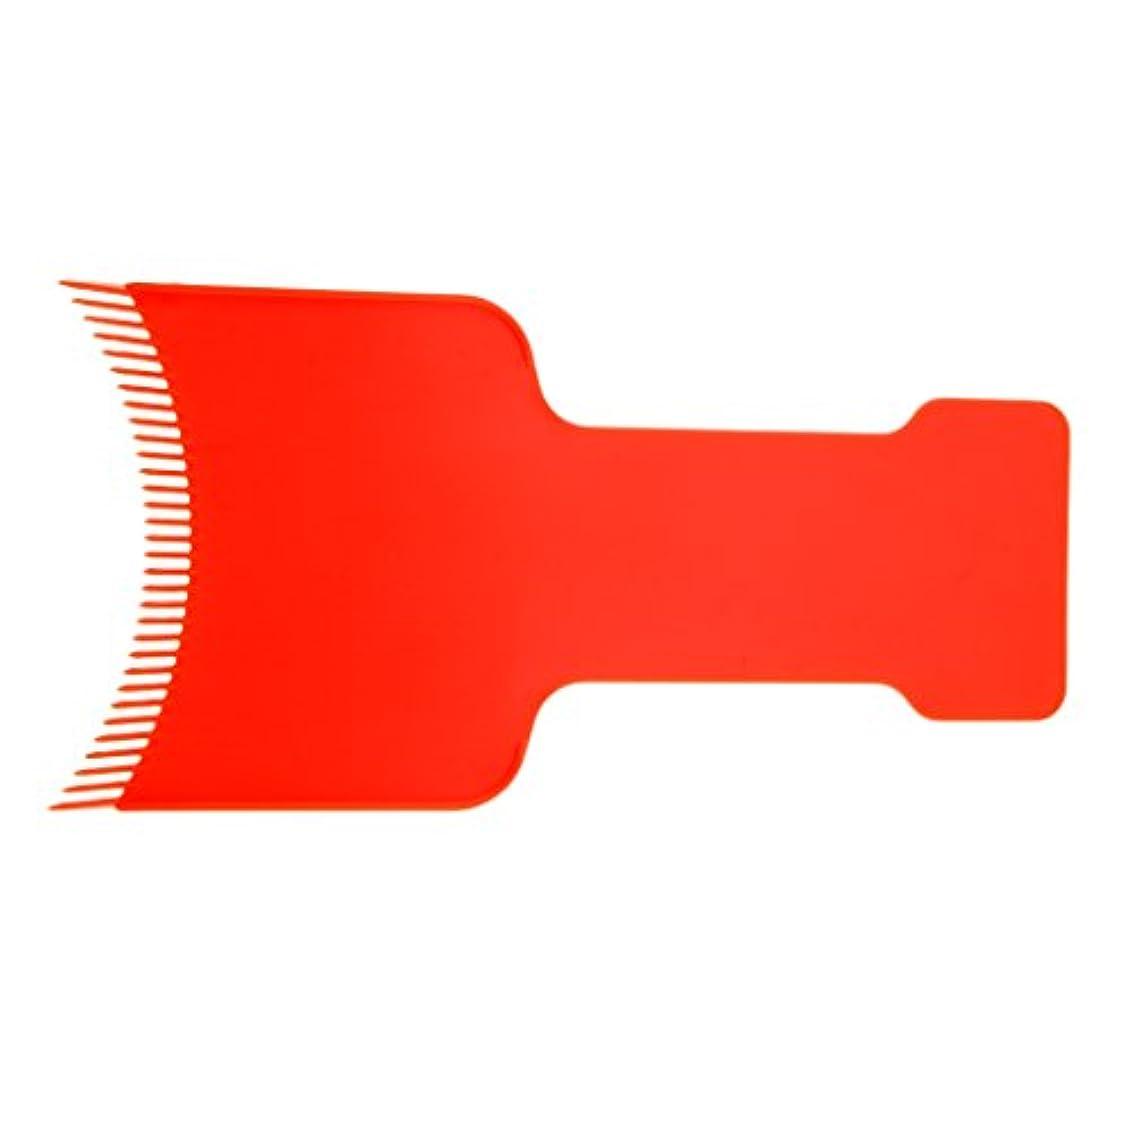 アークファンタジーチャレンジCUTICATE サロンヘアカラーボードヘアカラーティントプレート理髪美容美容 健康